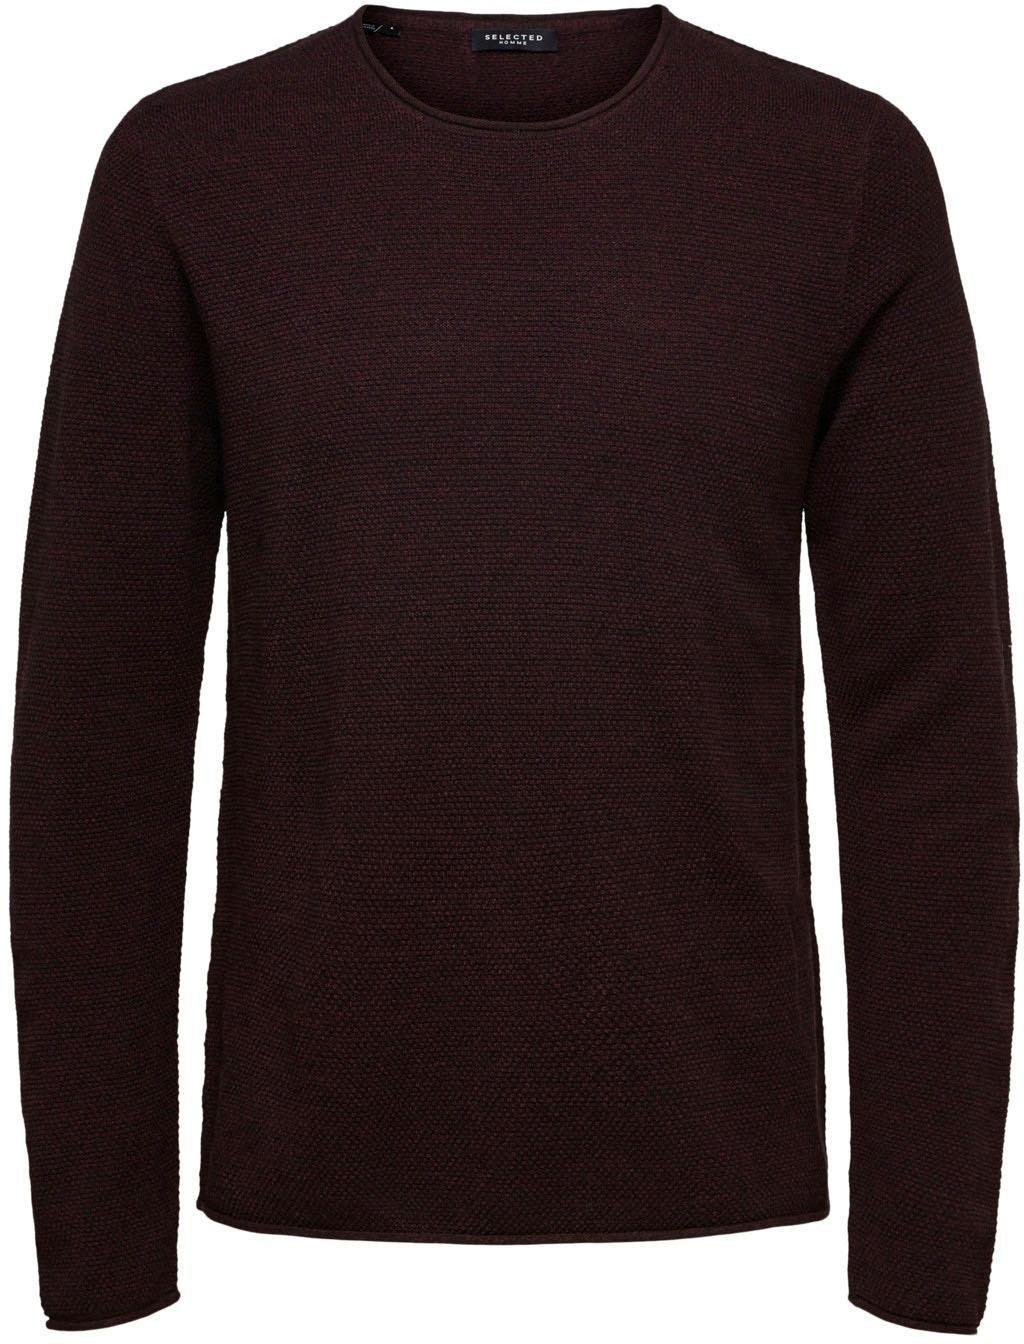 Op zoek naar een Selected Homme trui met ronde hals »ROCKY CREW NECK«? Koop online bij OTTO